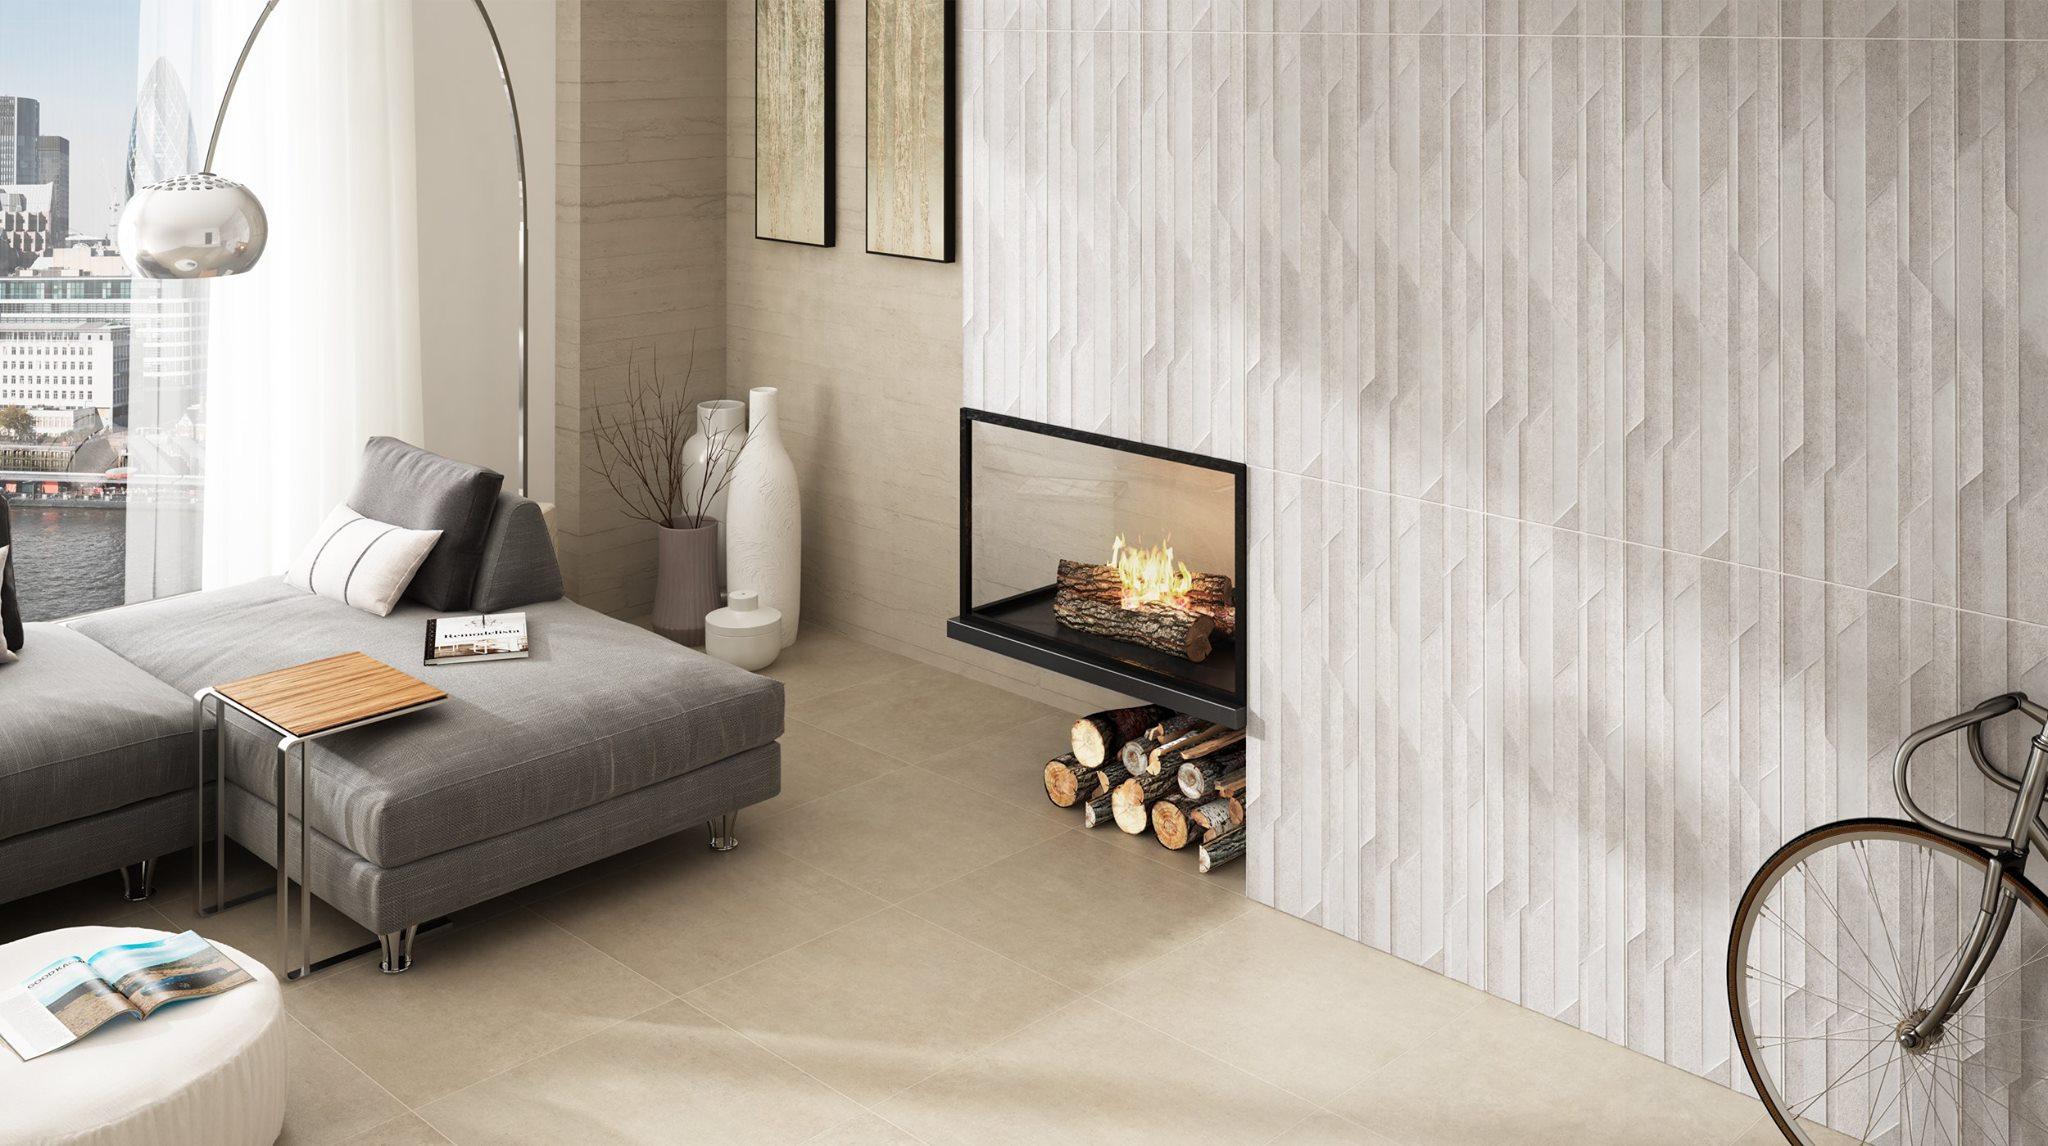 h tten sie gewusst dass sie mit keramikb den heizkosten. Black Bedroom Furniture Sets. Home Design Ideas